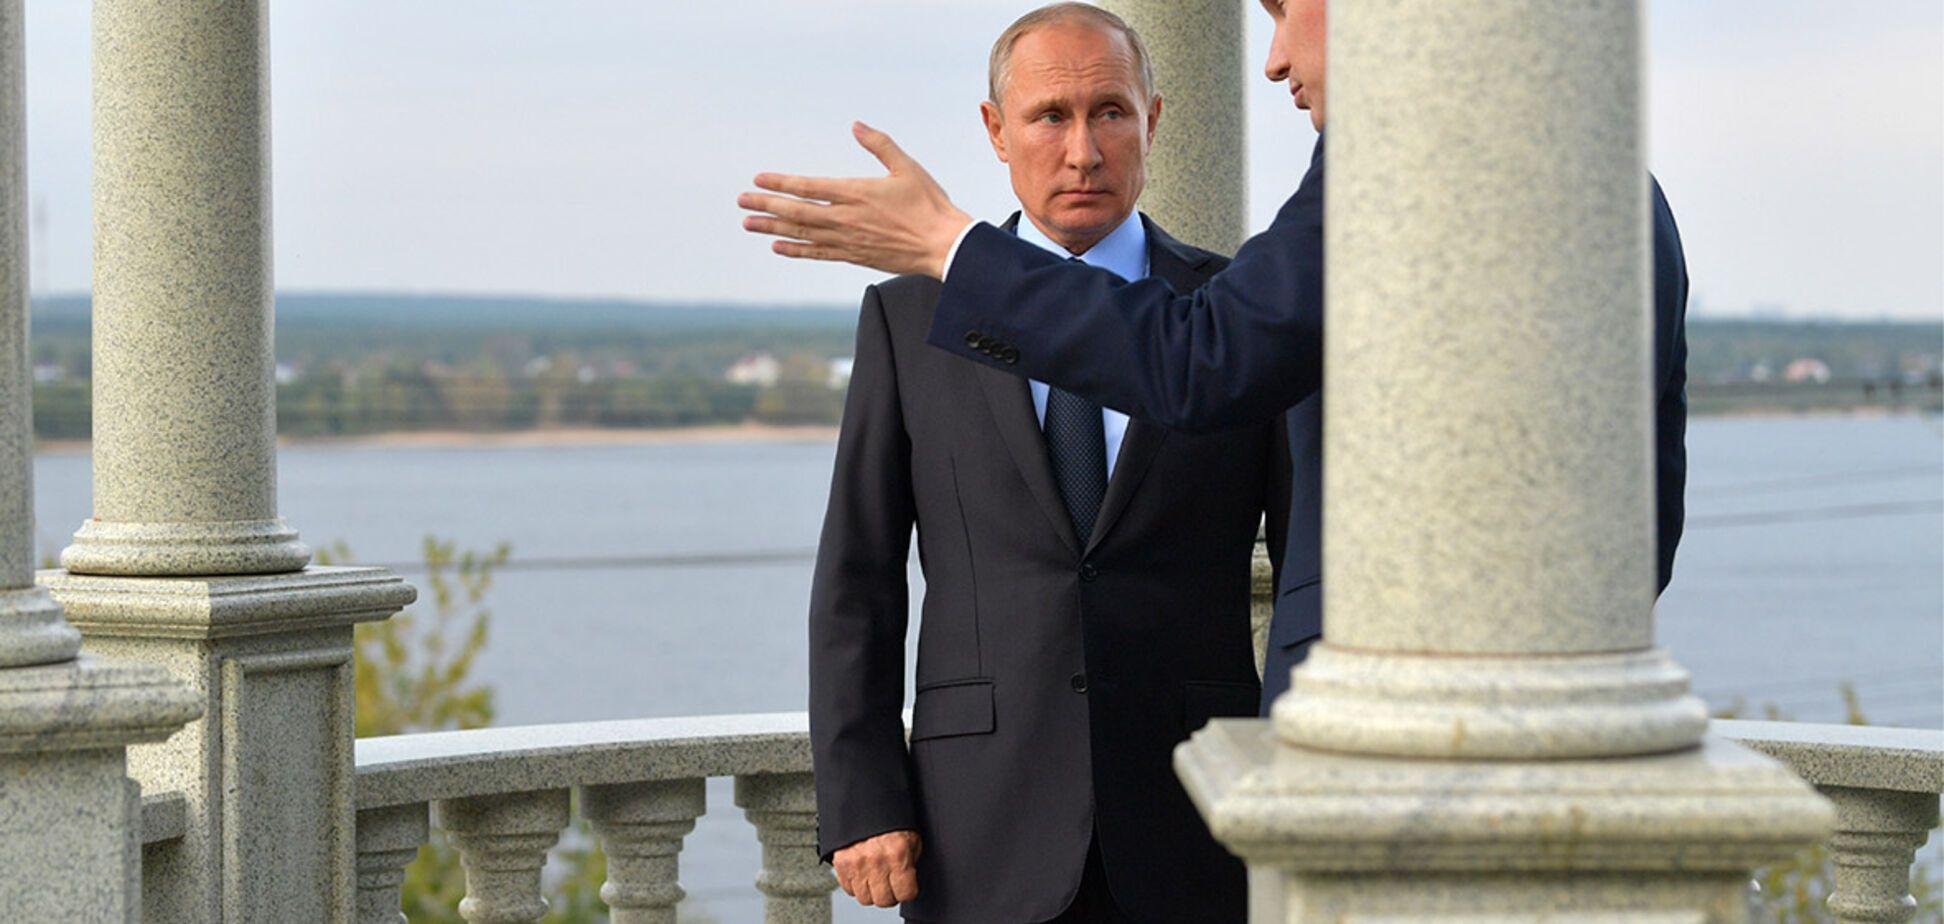 Путин и 'кокаиновый скандал': журналист пояснил, куда идет прибыль